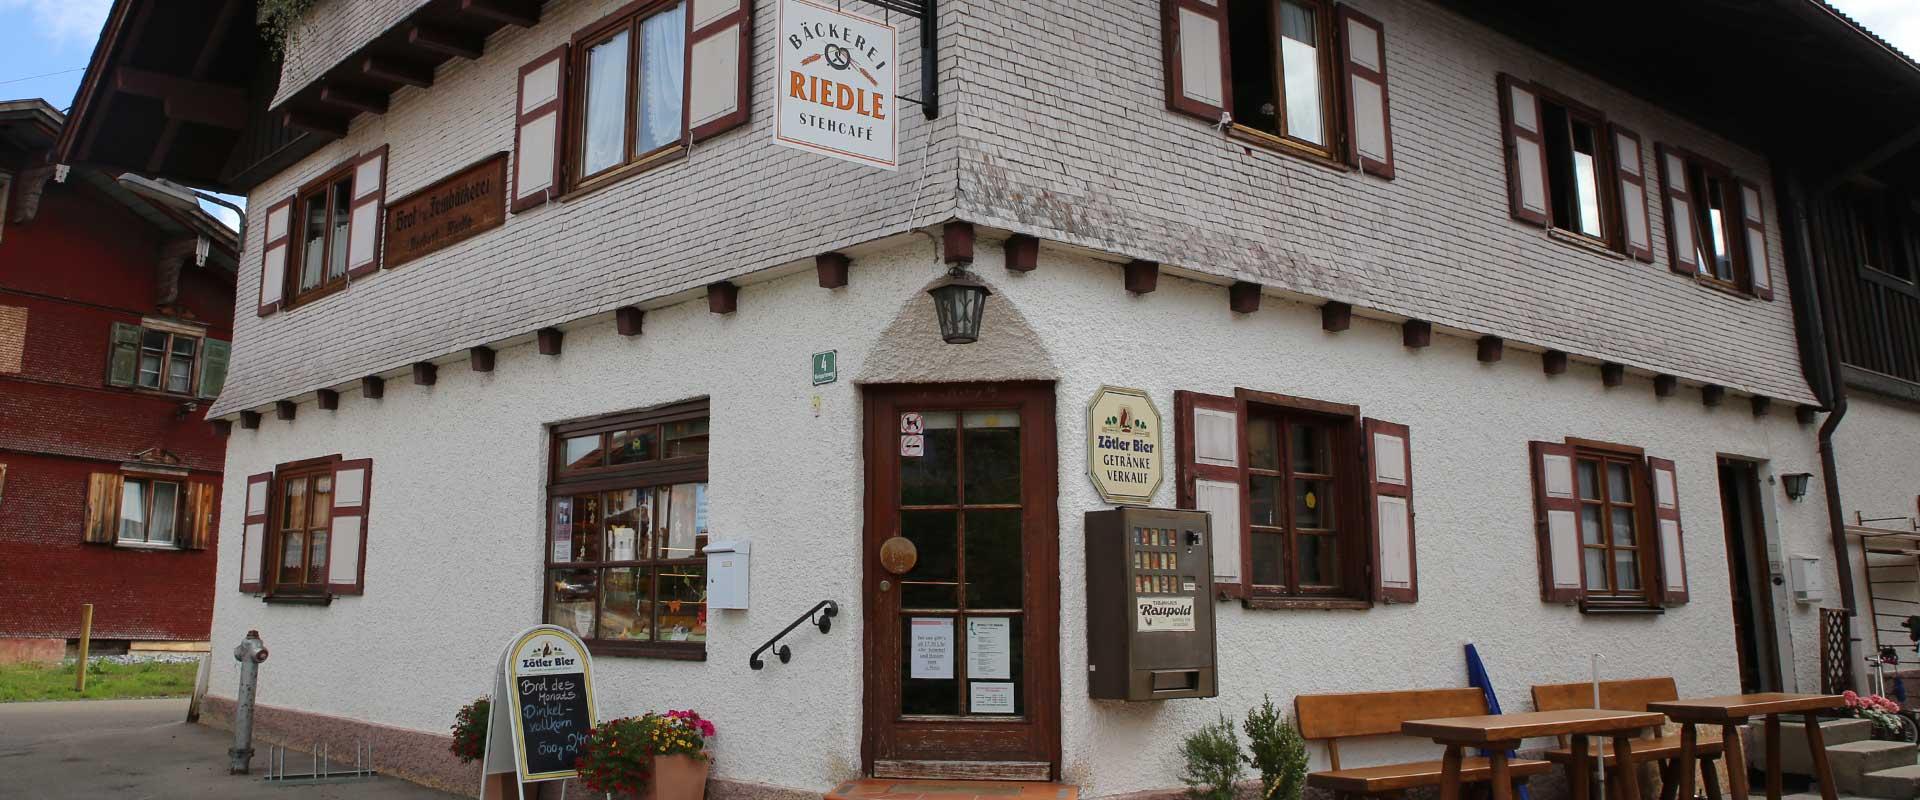 Bäckerei Riedle Gebäude